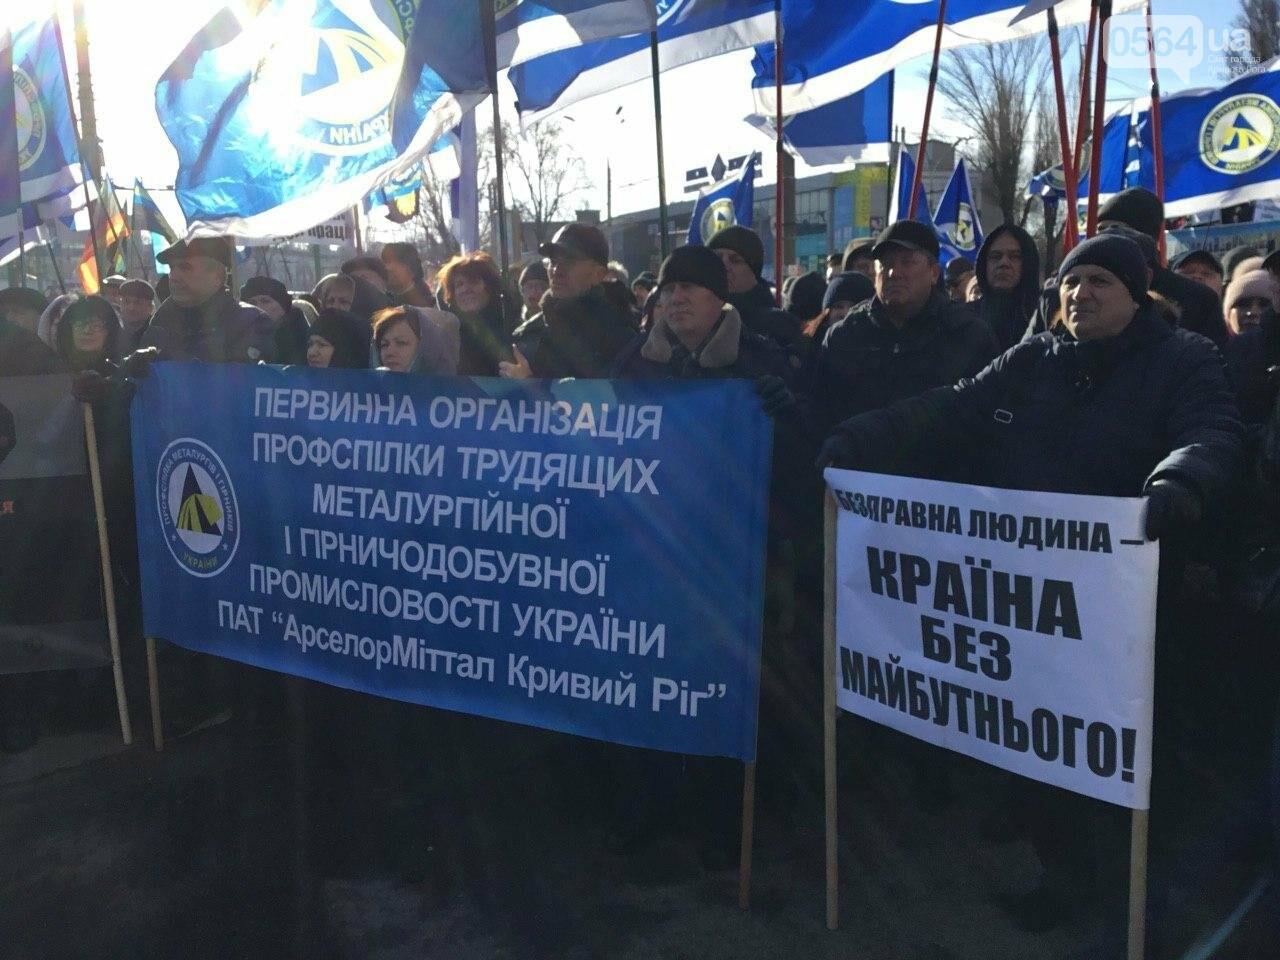 В Кривом Роге протестуют против принятия Радой нового трудового законодательства, - ФОТО, ВИДЕО, фото-16